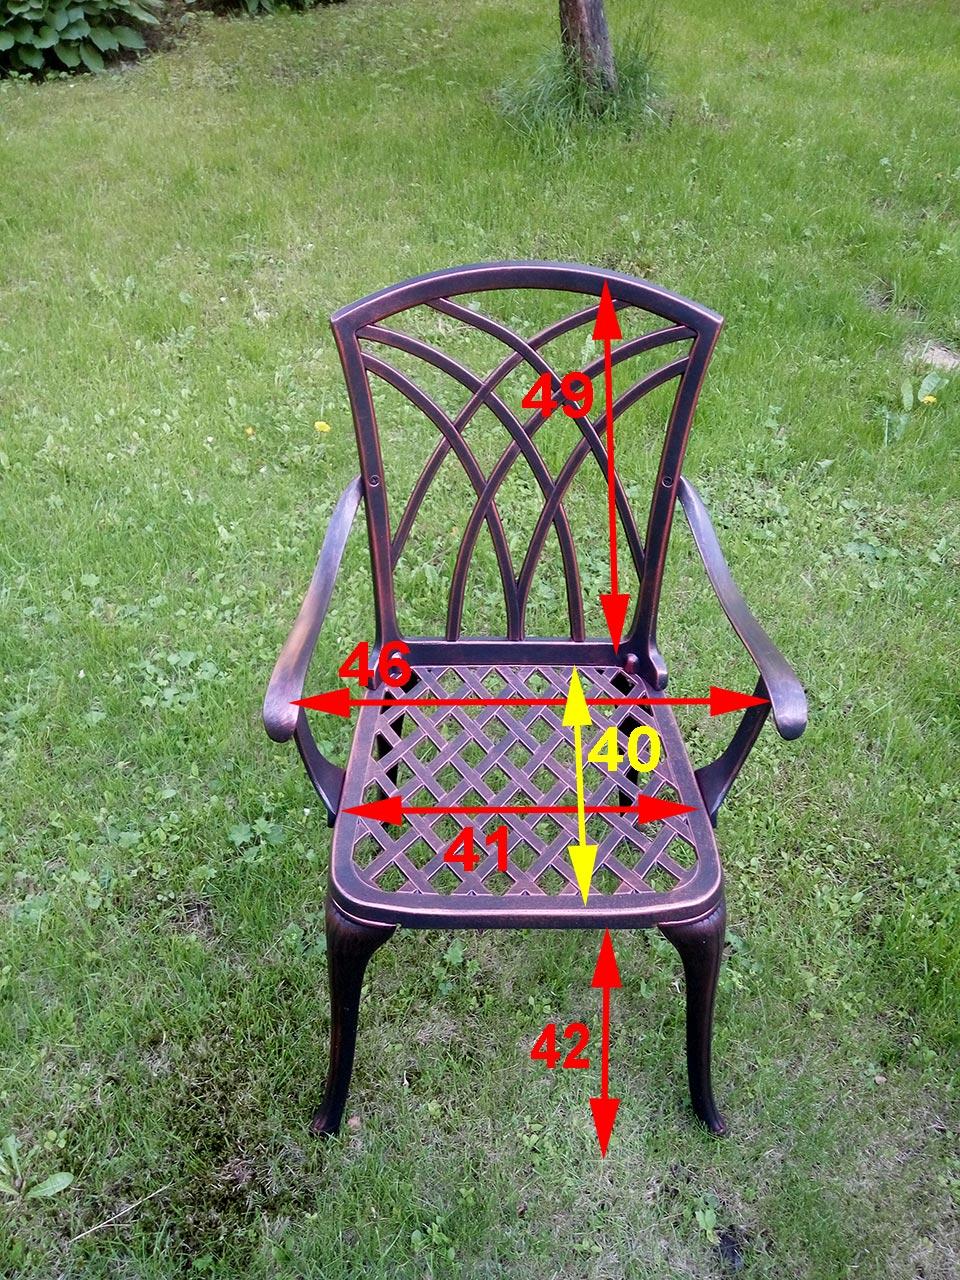 Литое садовое кресло Конвессо для полных людей садовая мебель литье алюминия и чугуна для кафе и на дачу.